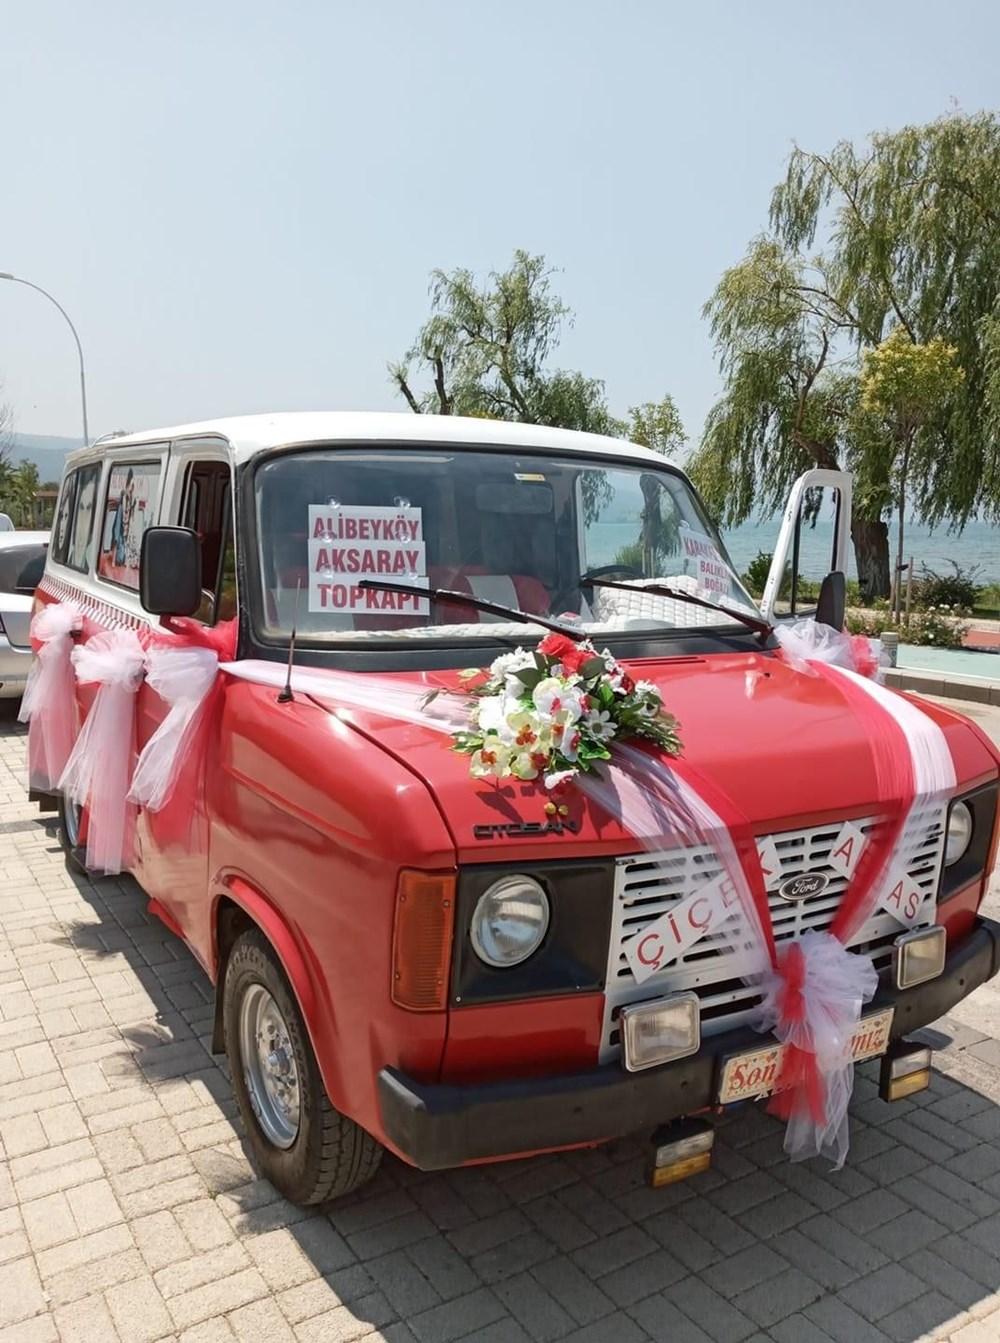 Çiçek Abbas filmindeki minibüsü yapmak için 60 bin TL harcadı - 8